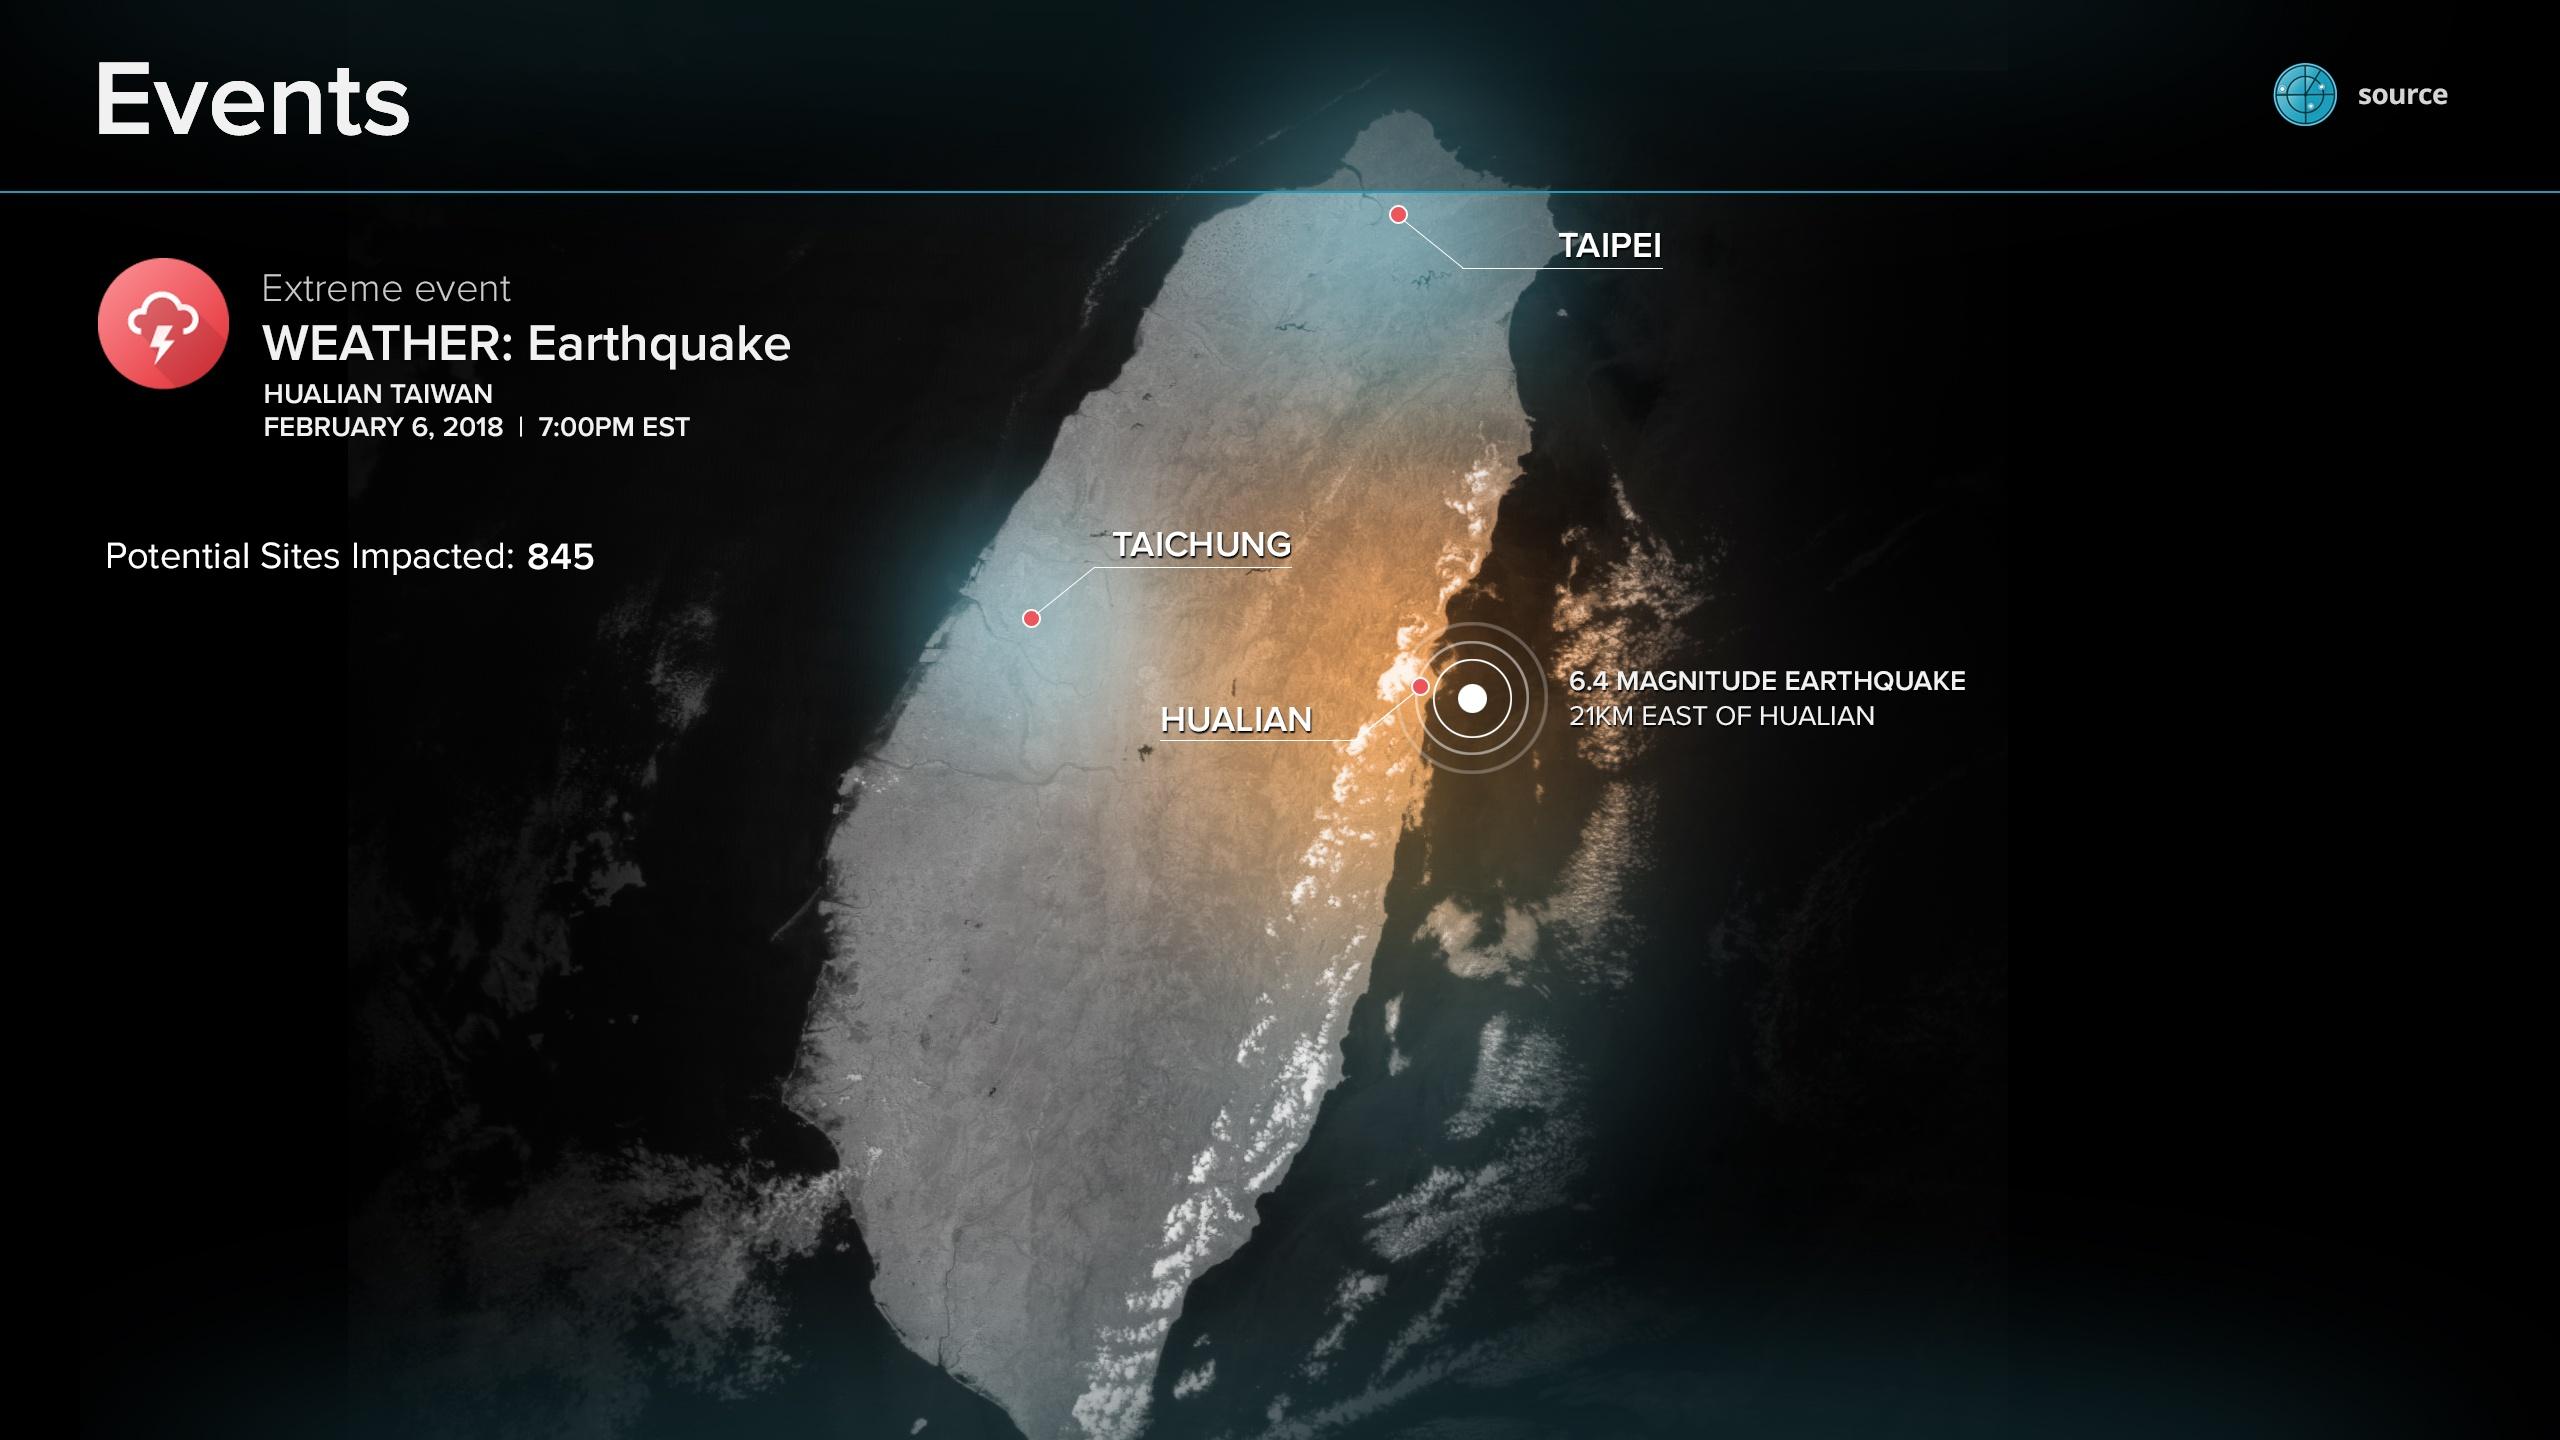 SR_Hualian_earthquakeV2b.jpg